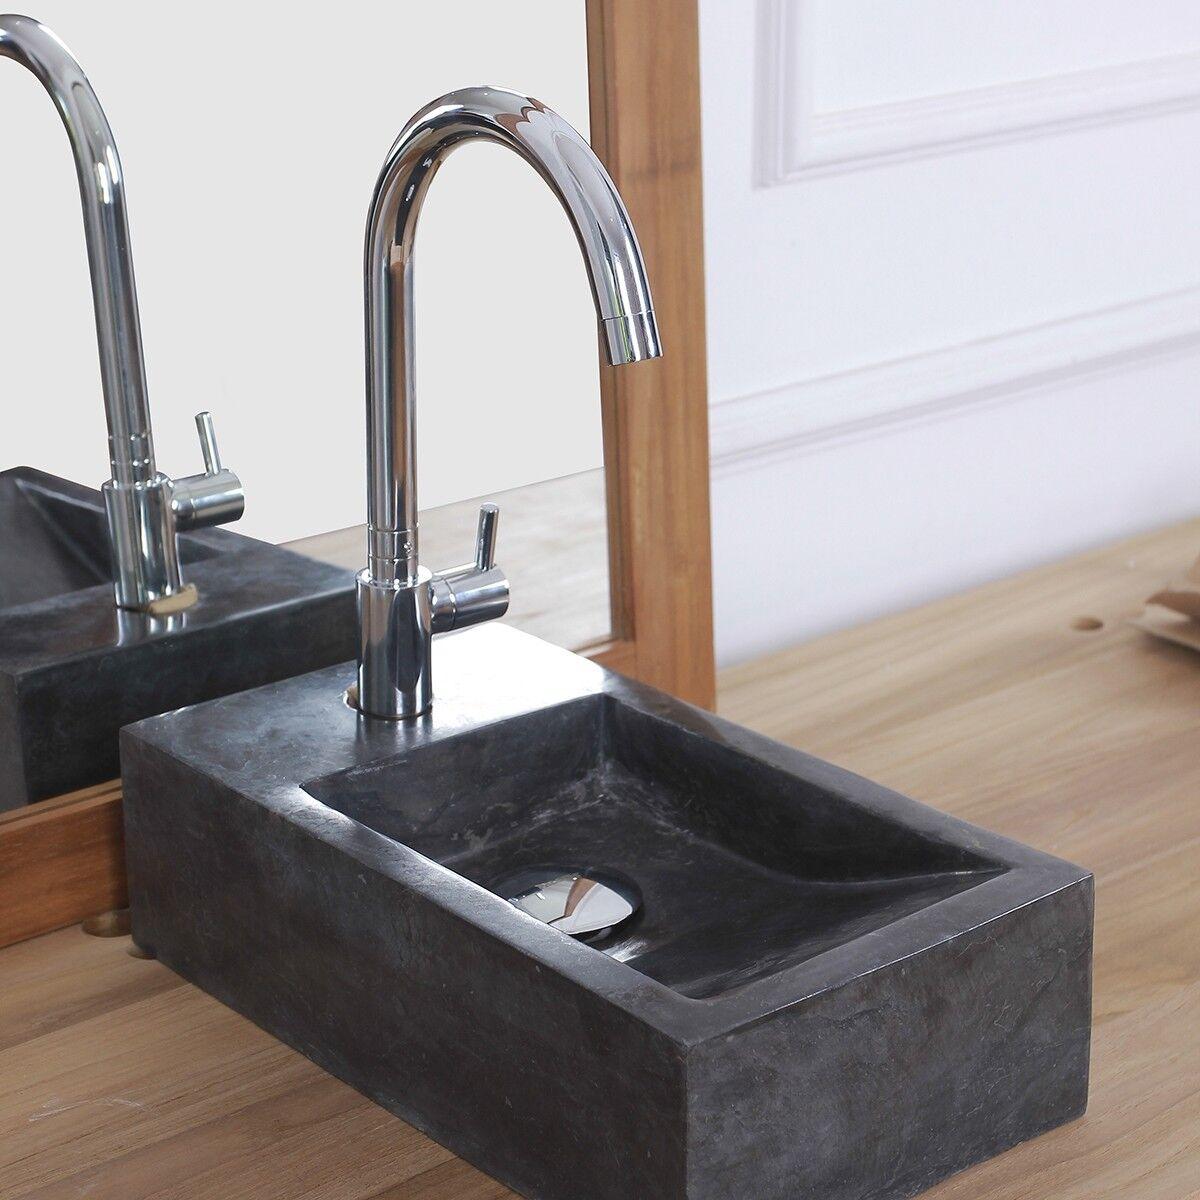 BOIS DESSUS BOIS DESSOUS Mini vasque rectangulaire en pierre de marbre BOIS DESSUS BOIS DESSOUS